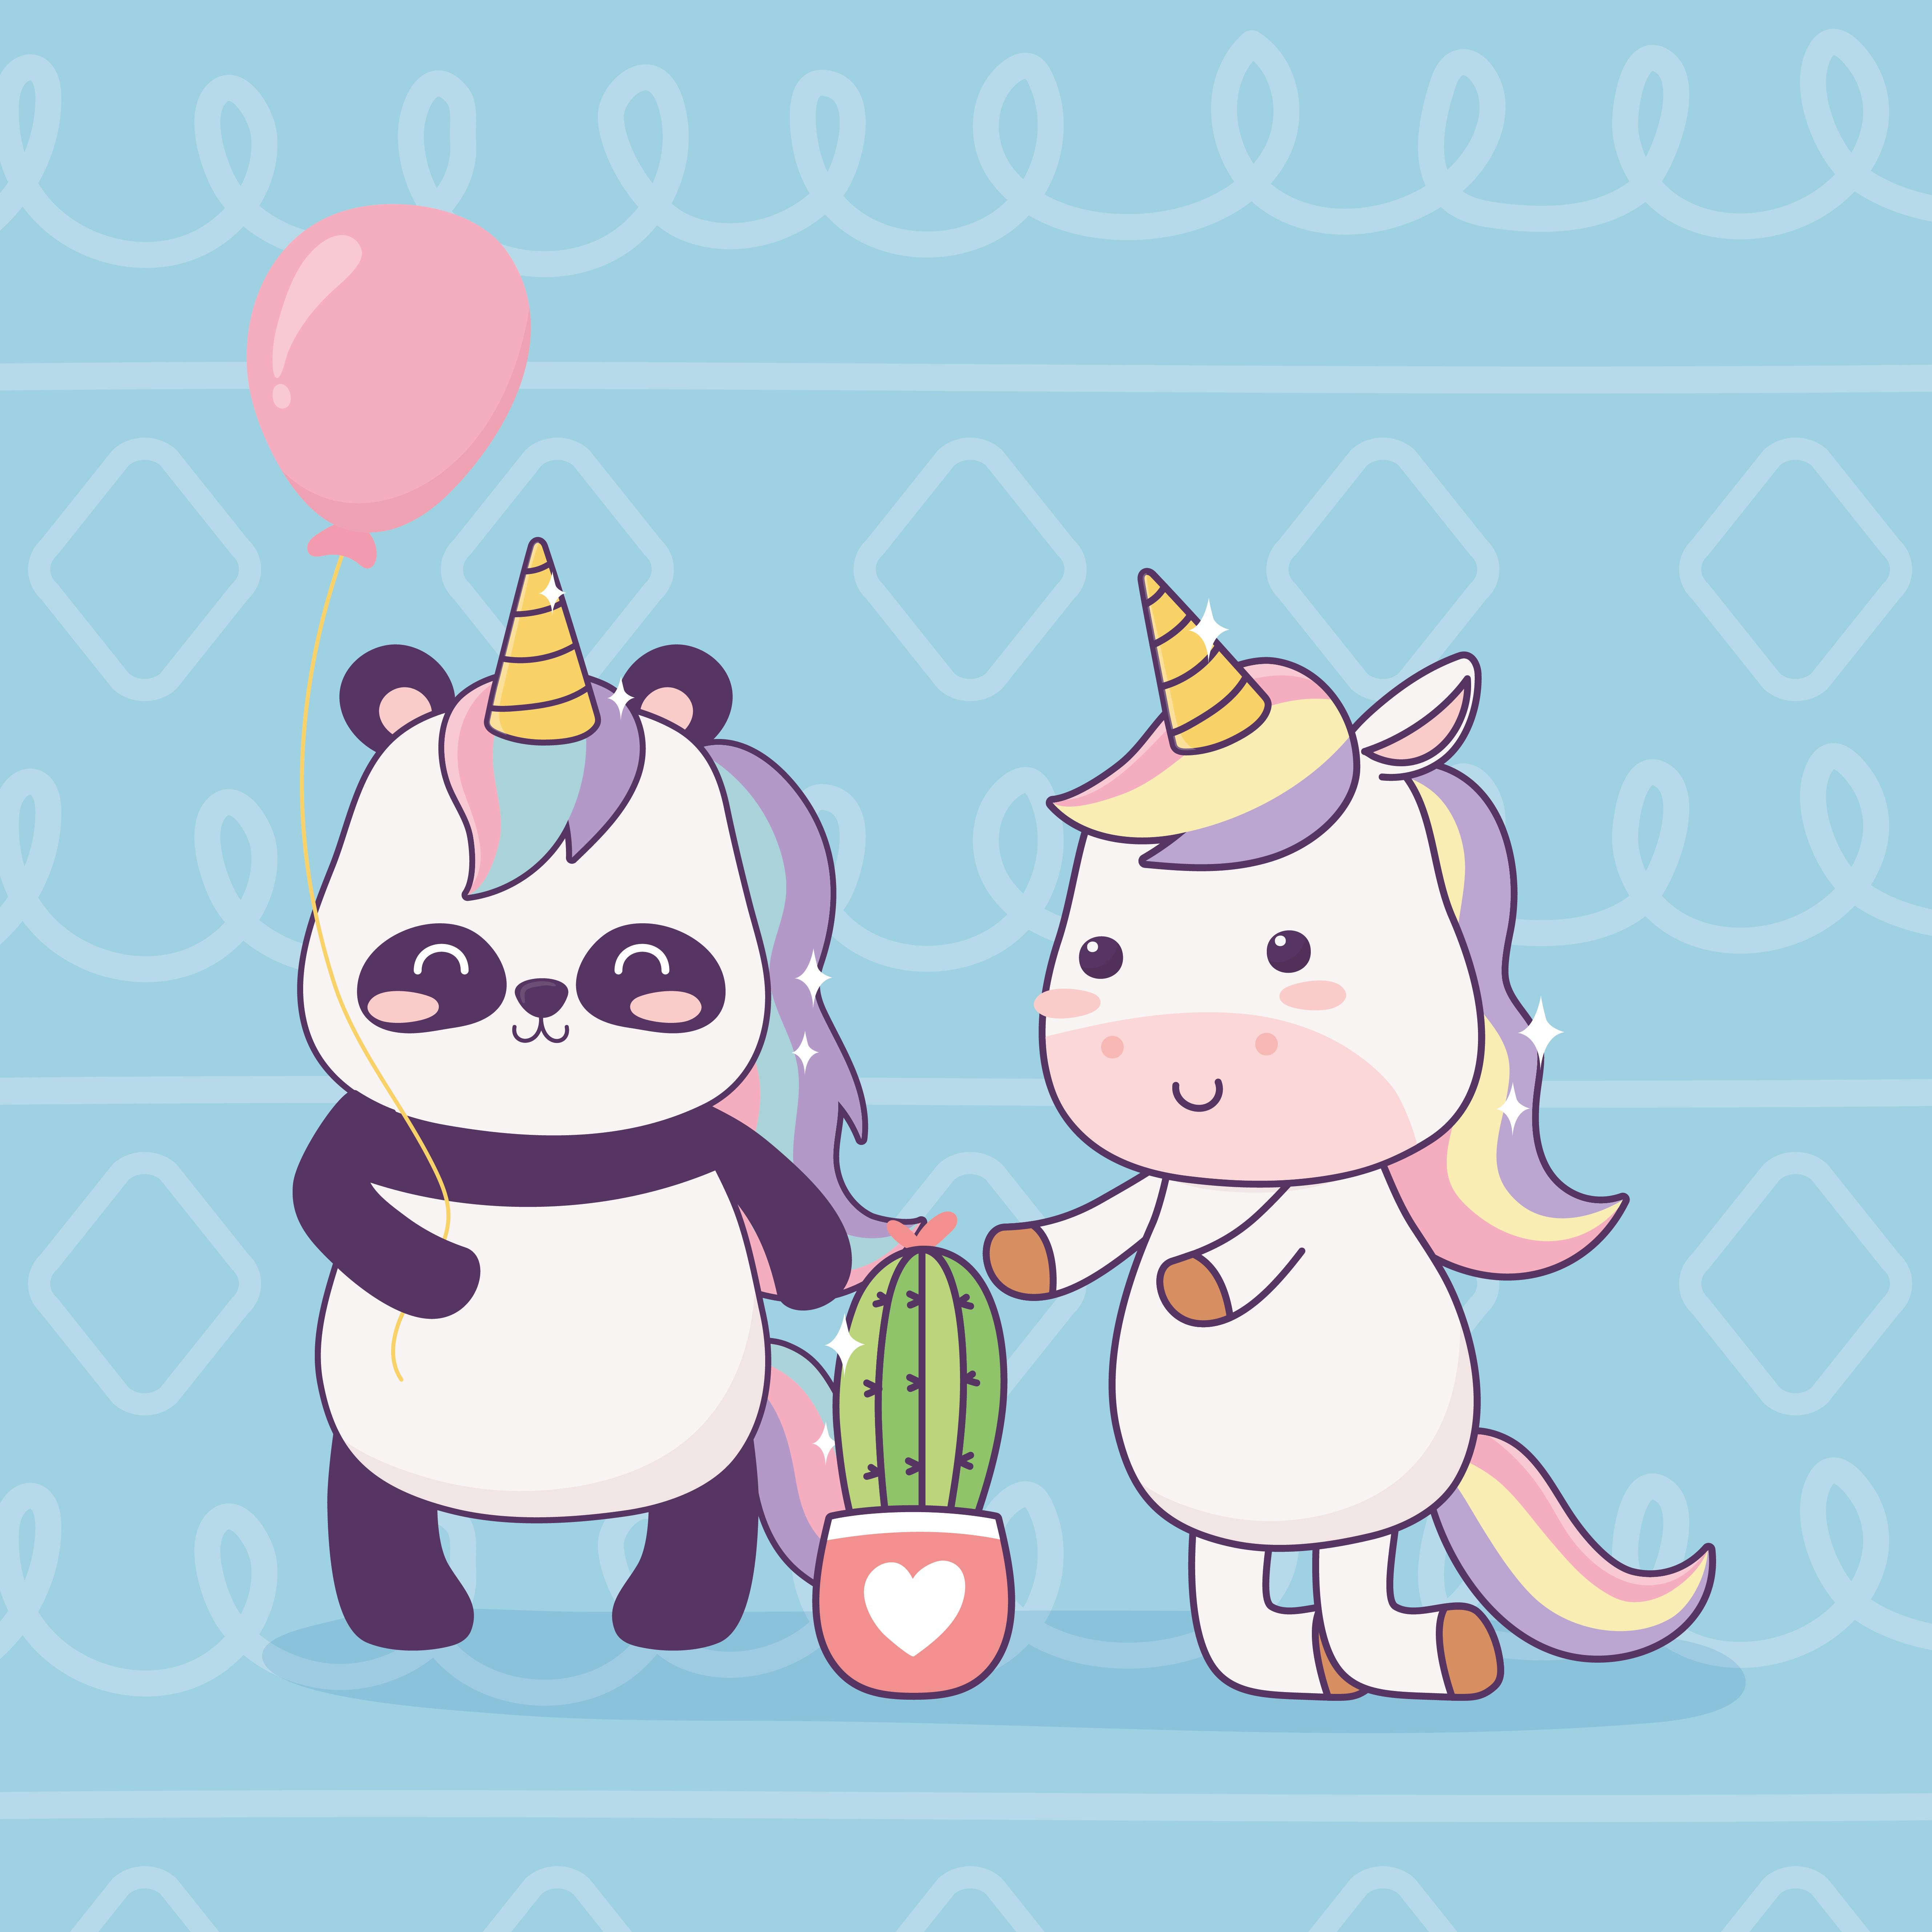 Licorne Et Panda Avec Dessin Anime Cactus Magique Telecharger Vectoriel Gratuit Clipart Graphique Vecteur Dessins Et Pictogramme Gratuit